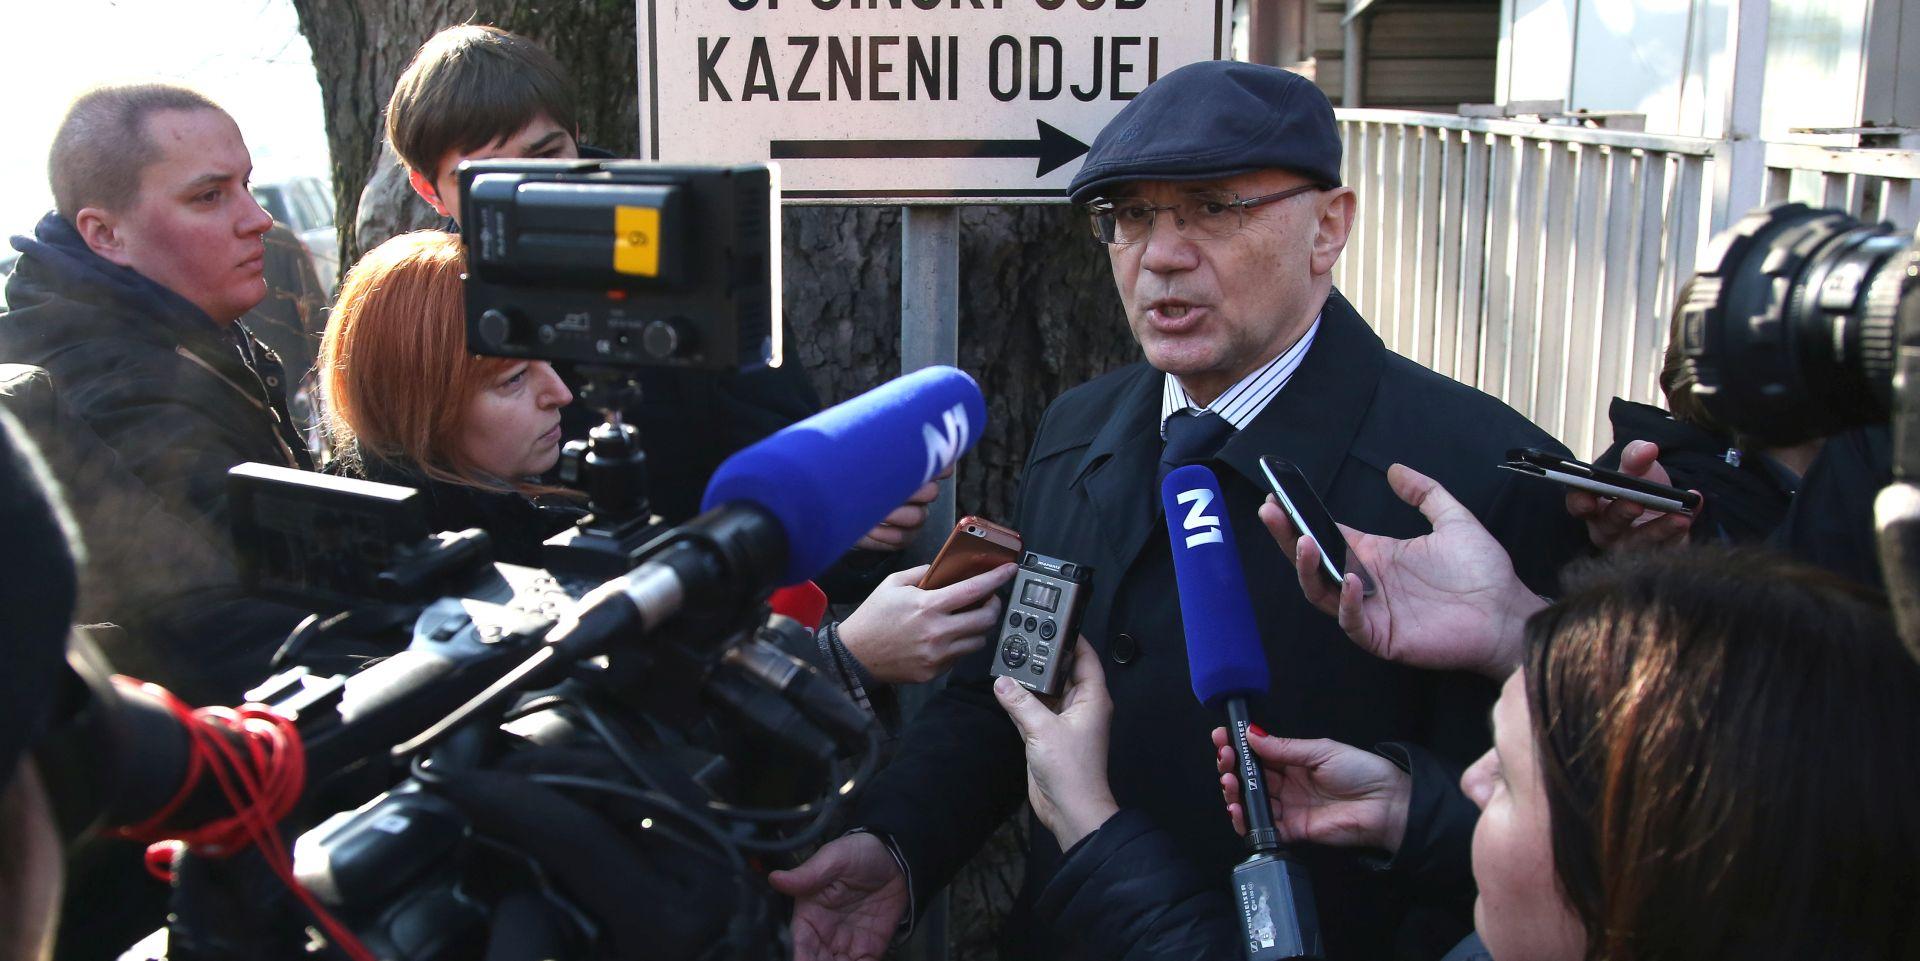 Veljko Miljević, odvjetnik Tomislava Karamarka tijekom izjave za medije. foto HINA/ Lana SLIVAR DOMINIĆ